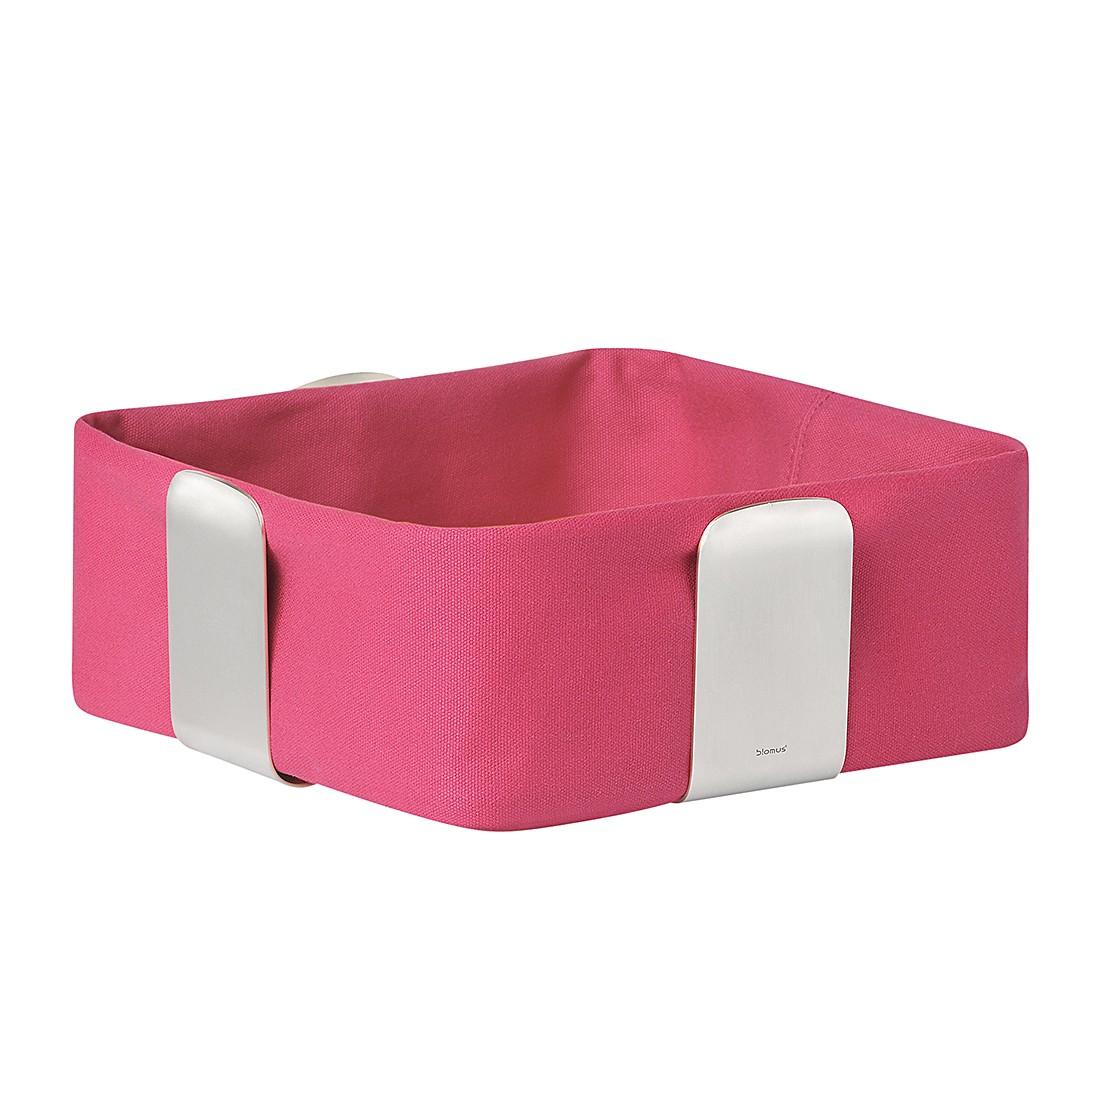 Brotkorb Desa – Pink, groß, Blomus günstig online kaufen